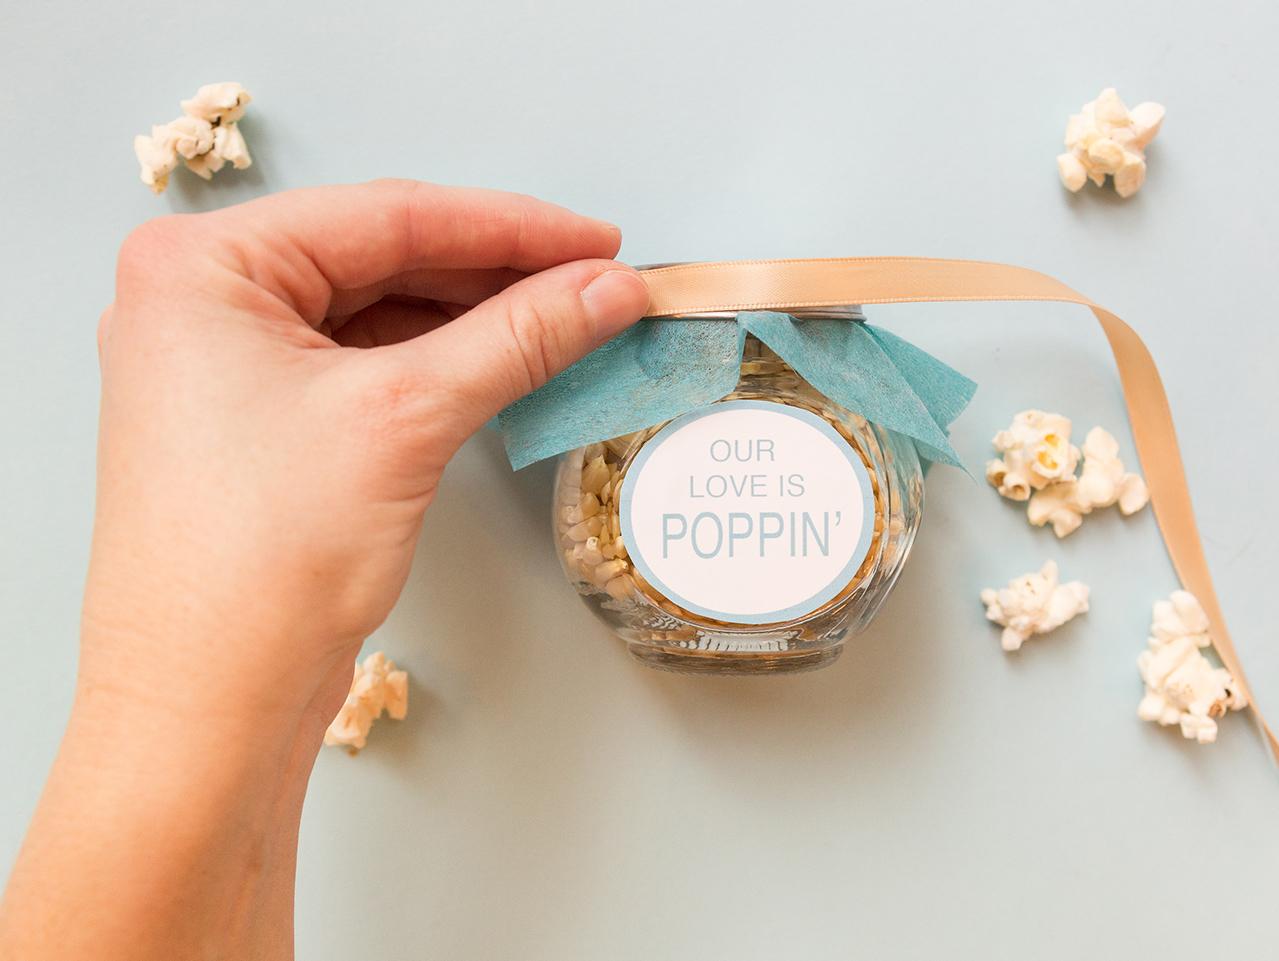 cómo hacer un frasco de vidrio decorativo lleno de palomitas para regalar paso a paso, regalos originales para novios hechos a mano